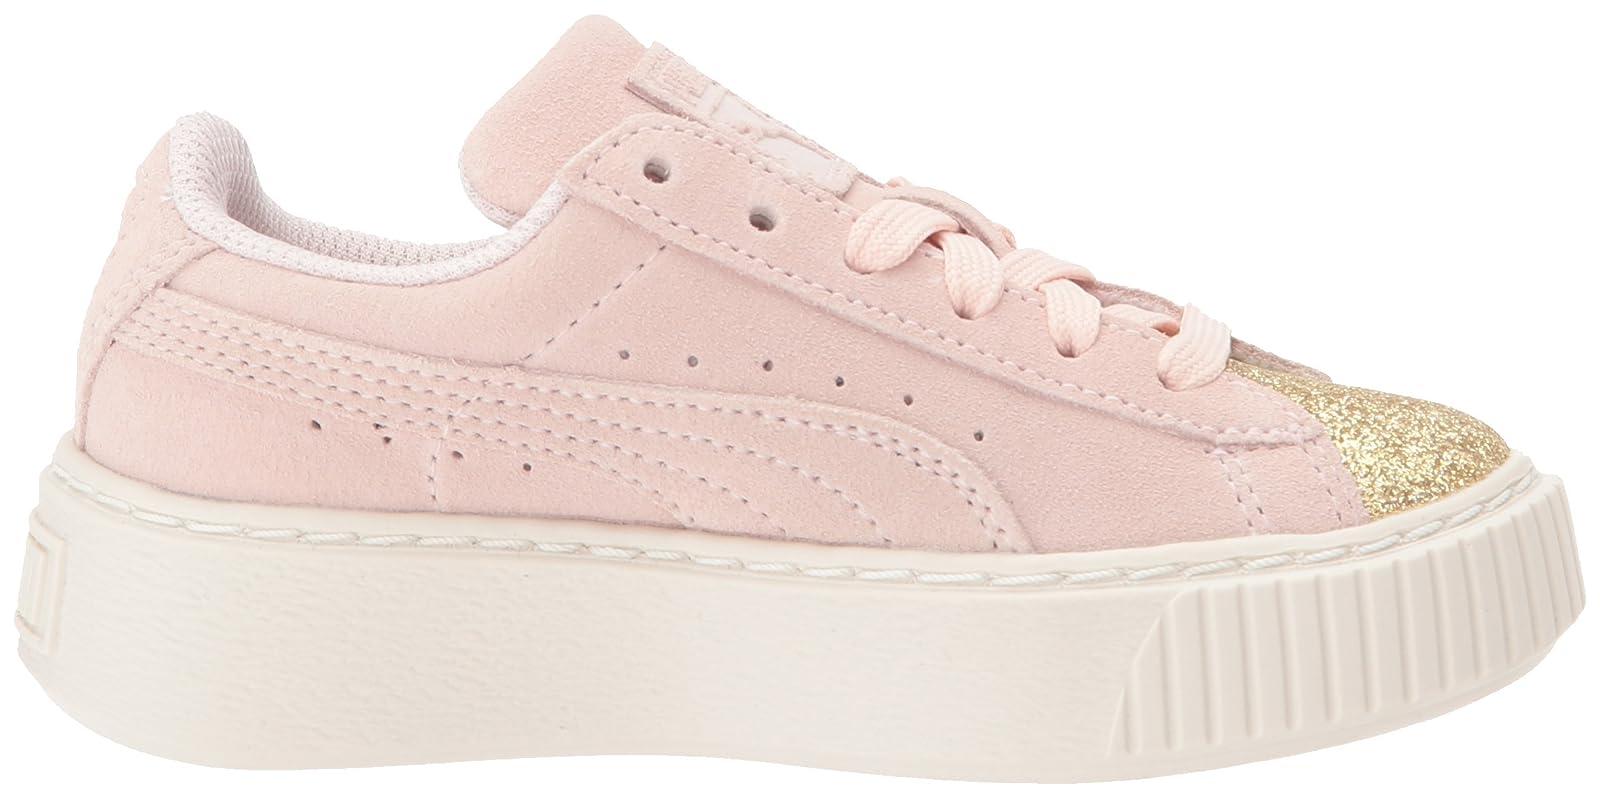 PUMA Kids' Suede Platform Glam Sneaker Pink 36492207 - 7